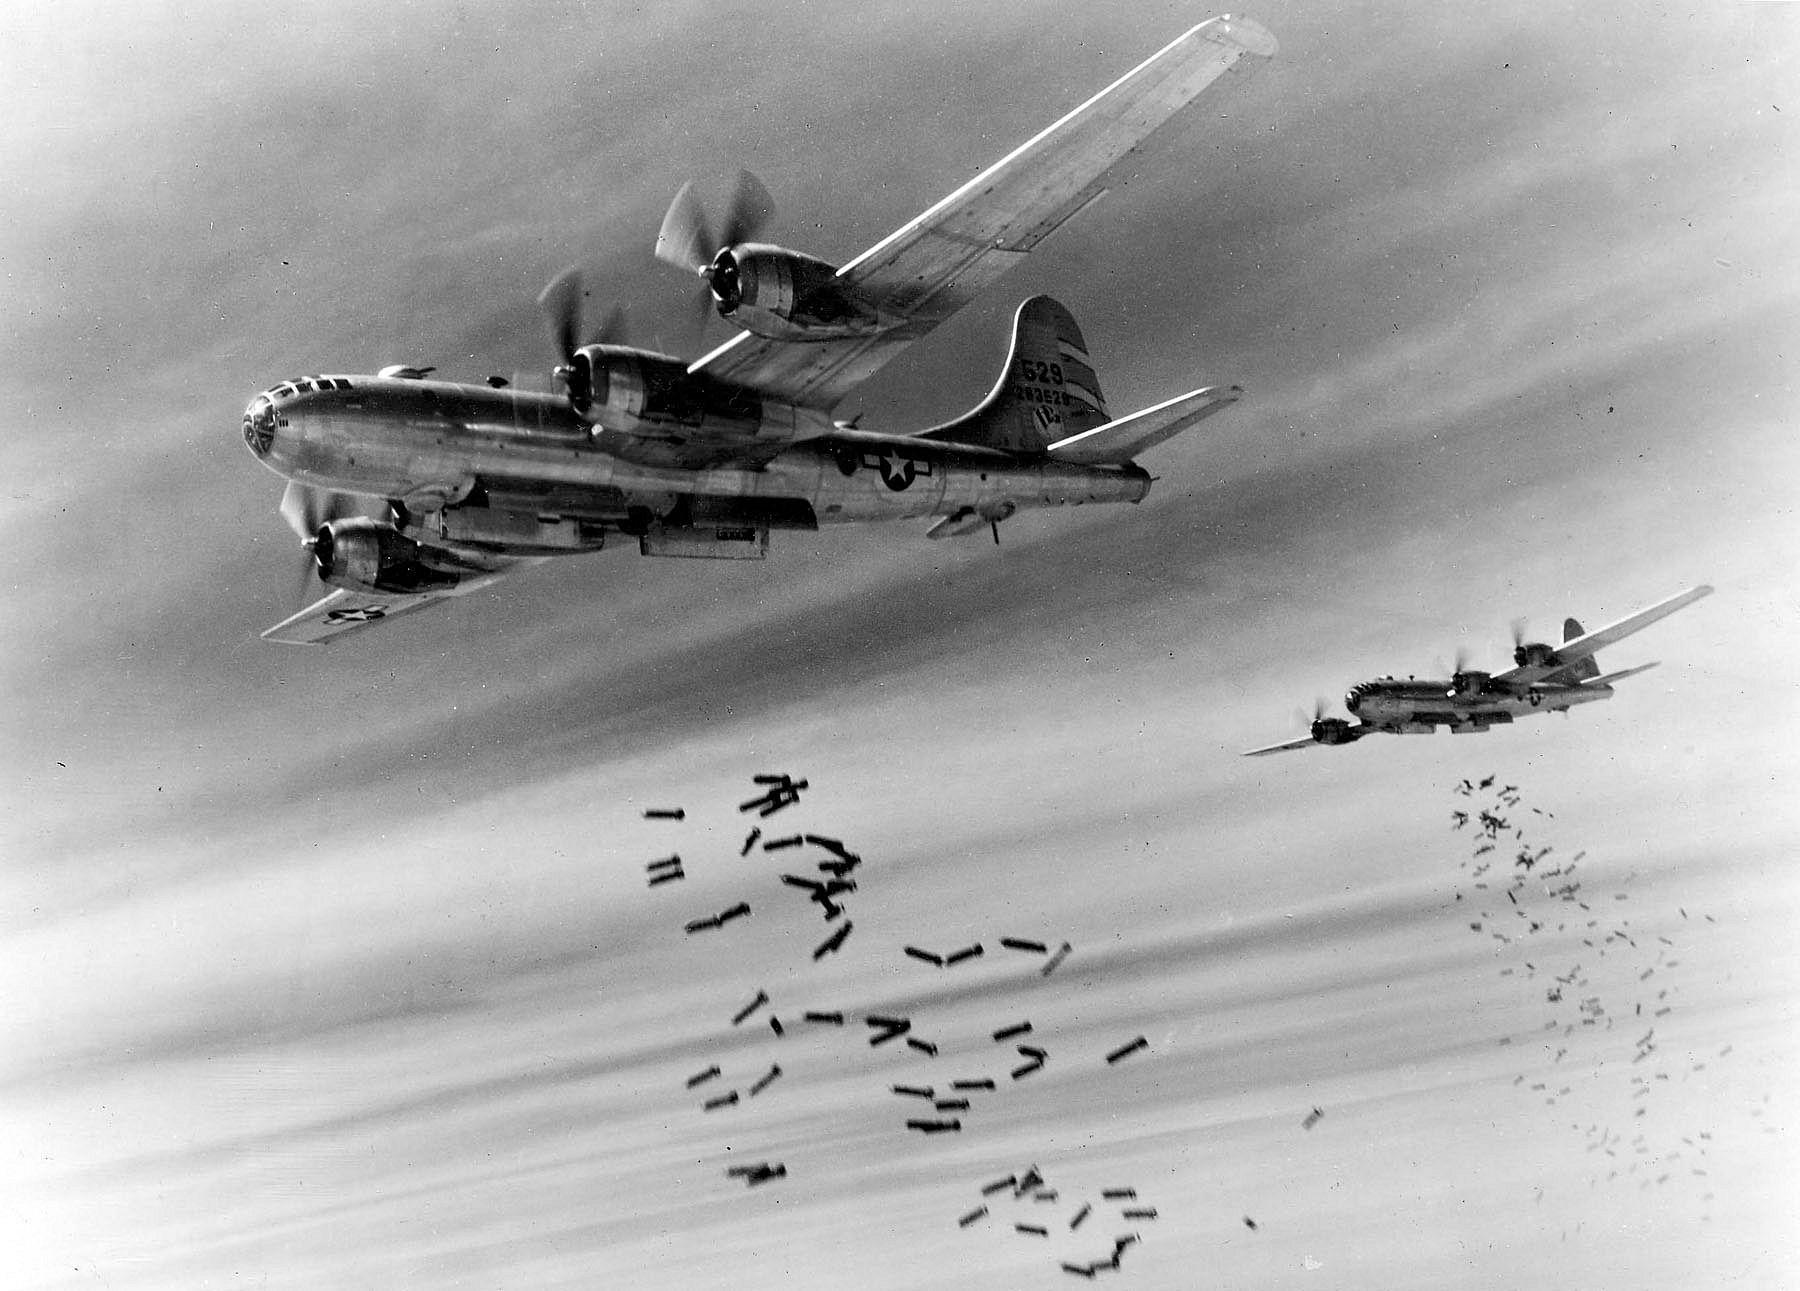 曾經轟炸東京,在廣島、長崎投下原子彈的B-29轟炸機,台灣沒有被這種巨無霸空襲的「榮幸」。